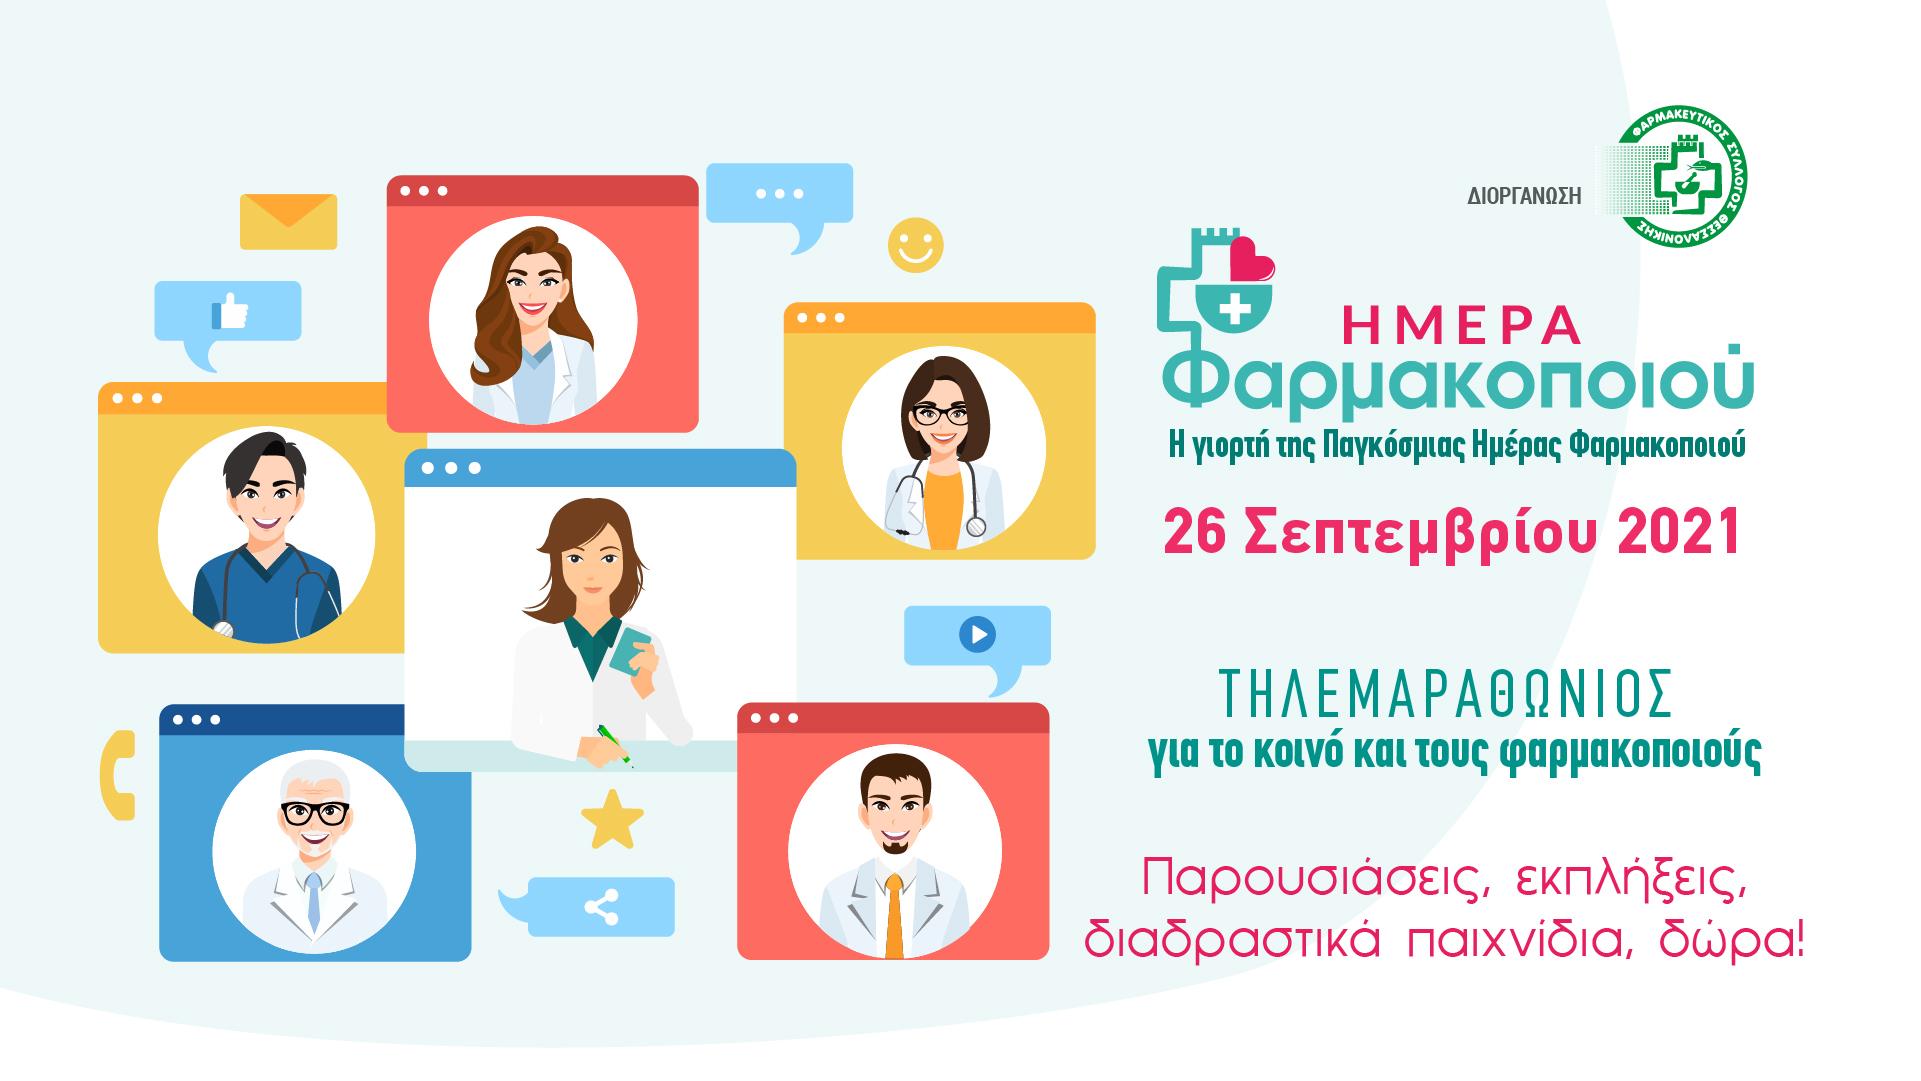 ΦΣΘ: Διαδικτυακή γιορτή για την Παγκόσμια Μέρα Φαρμακοποιού στις 26 Σεπτεμβρίου